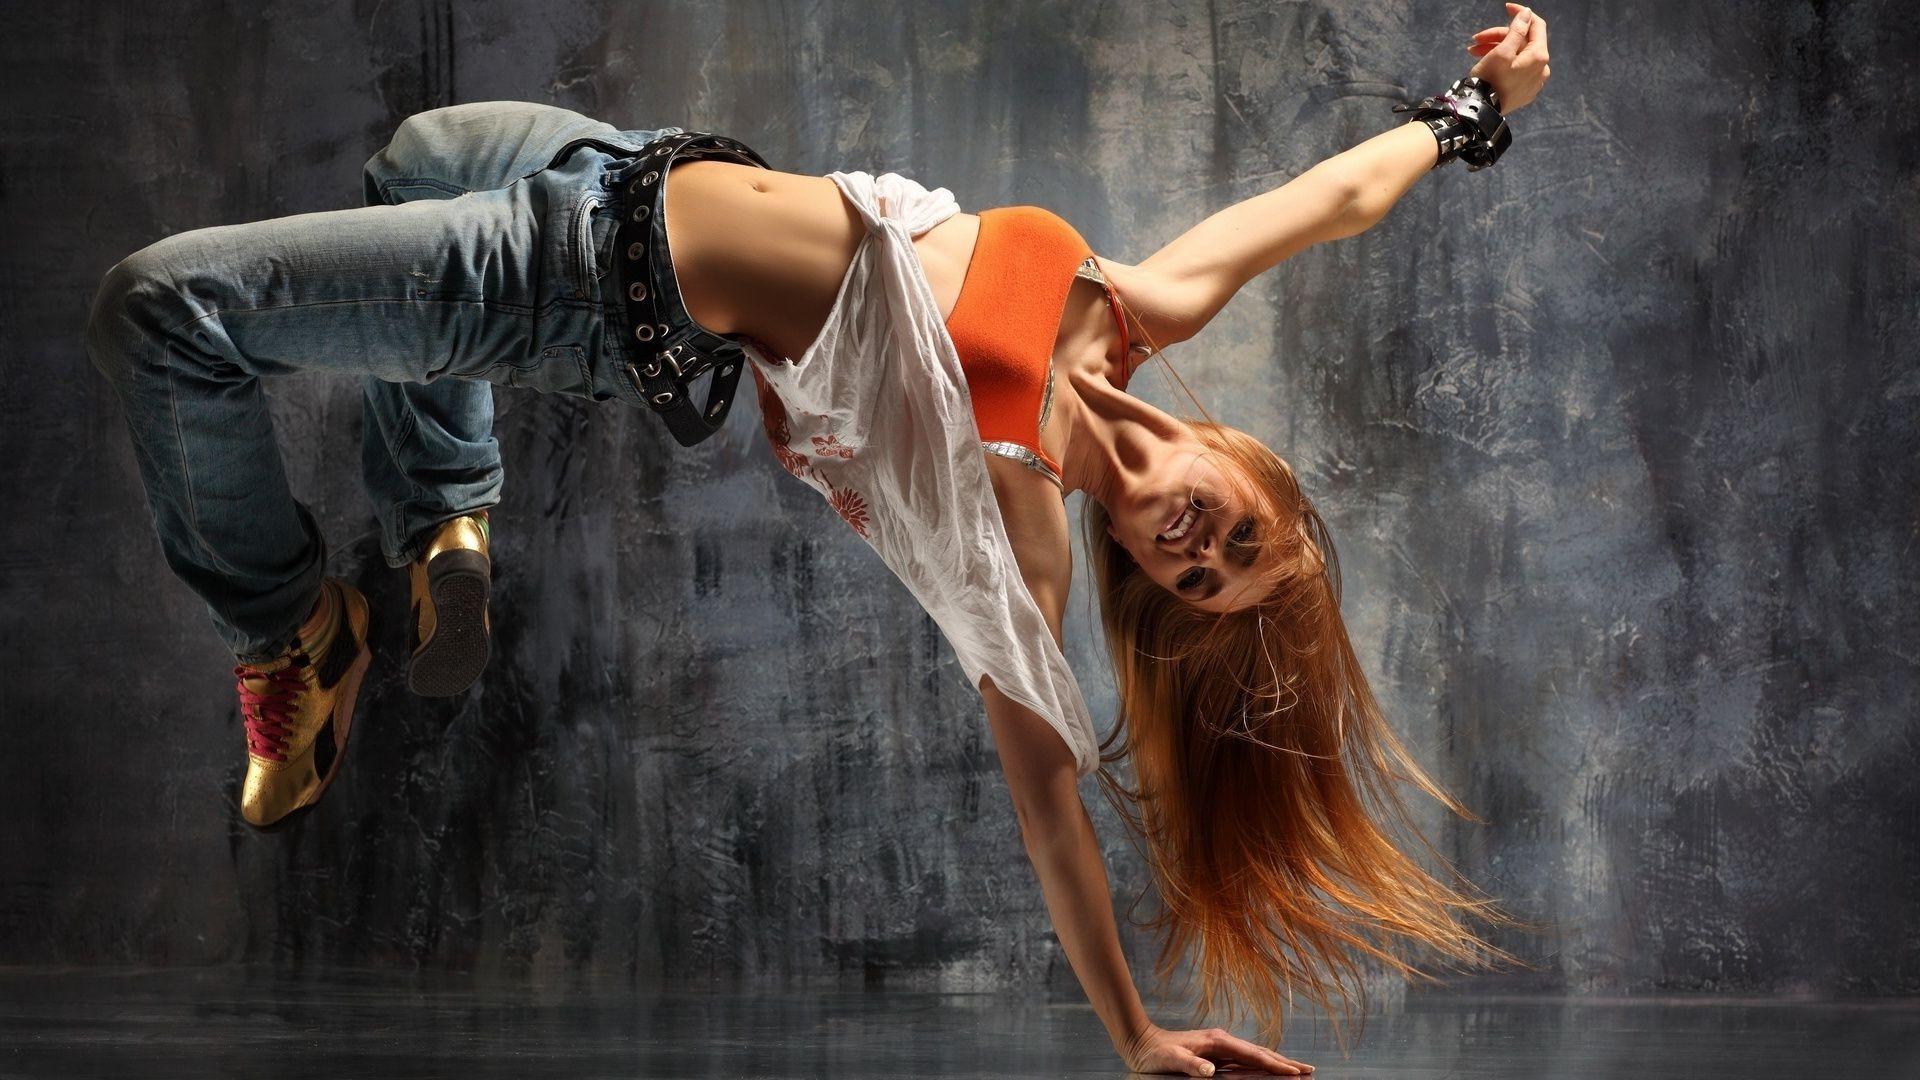 Смотреть танцы красивых девушек 5 фотография